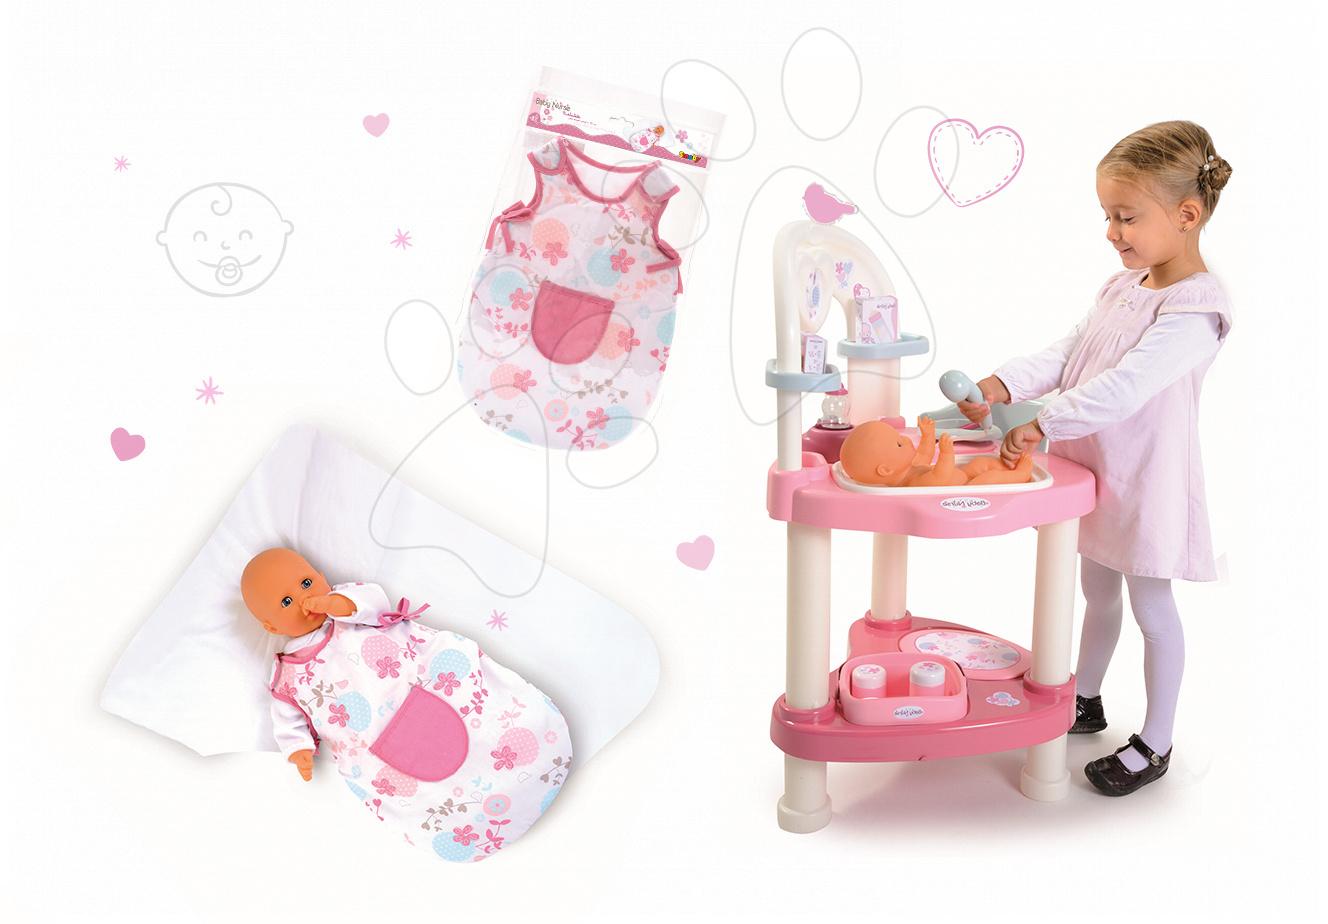 Domčeky pre bábiky sety - Set prebaľovací stôl pre bábiku Baby Nurse Srdiečko Smoby a nočný úbor pre 42 cm bábiku